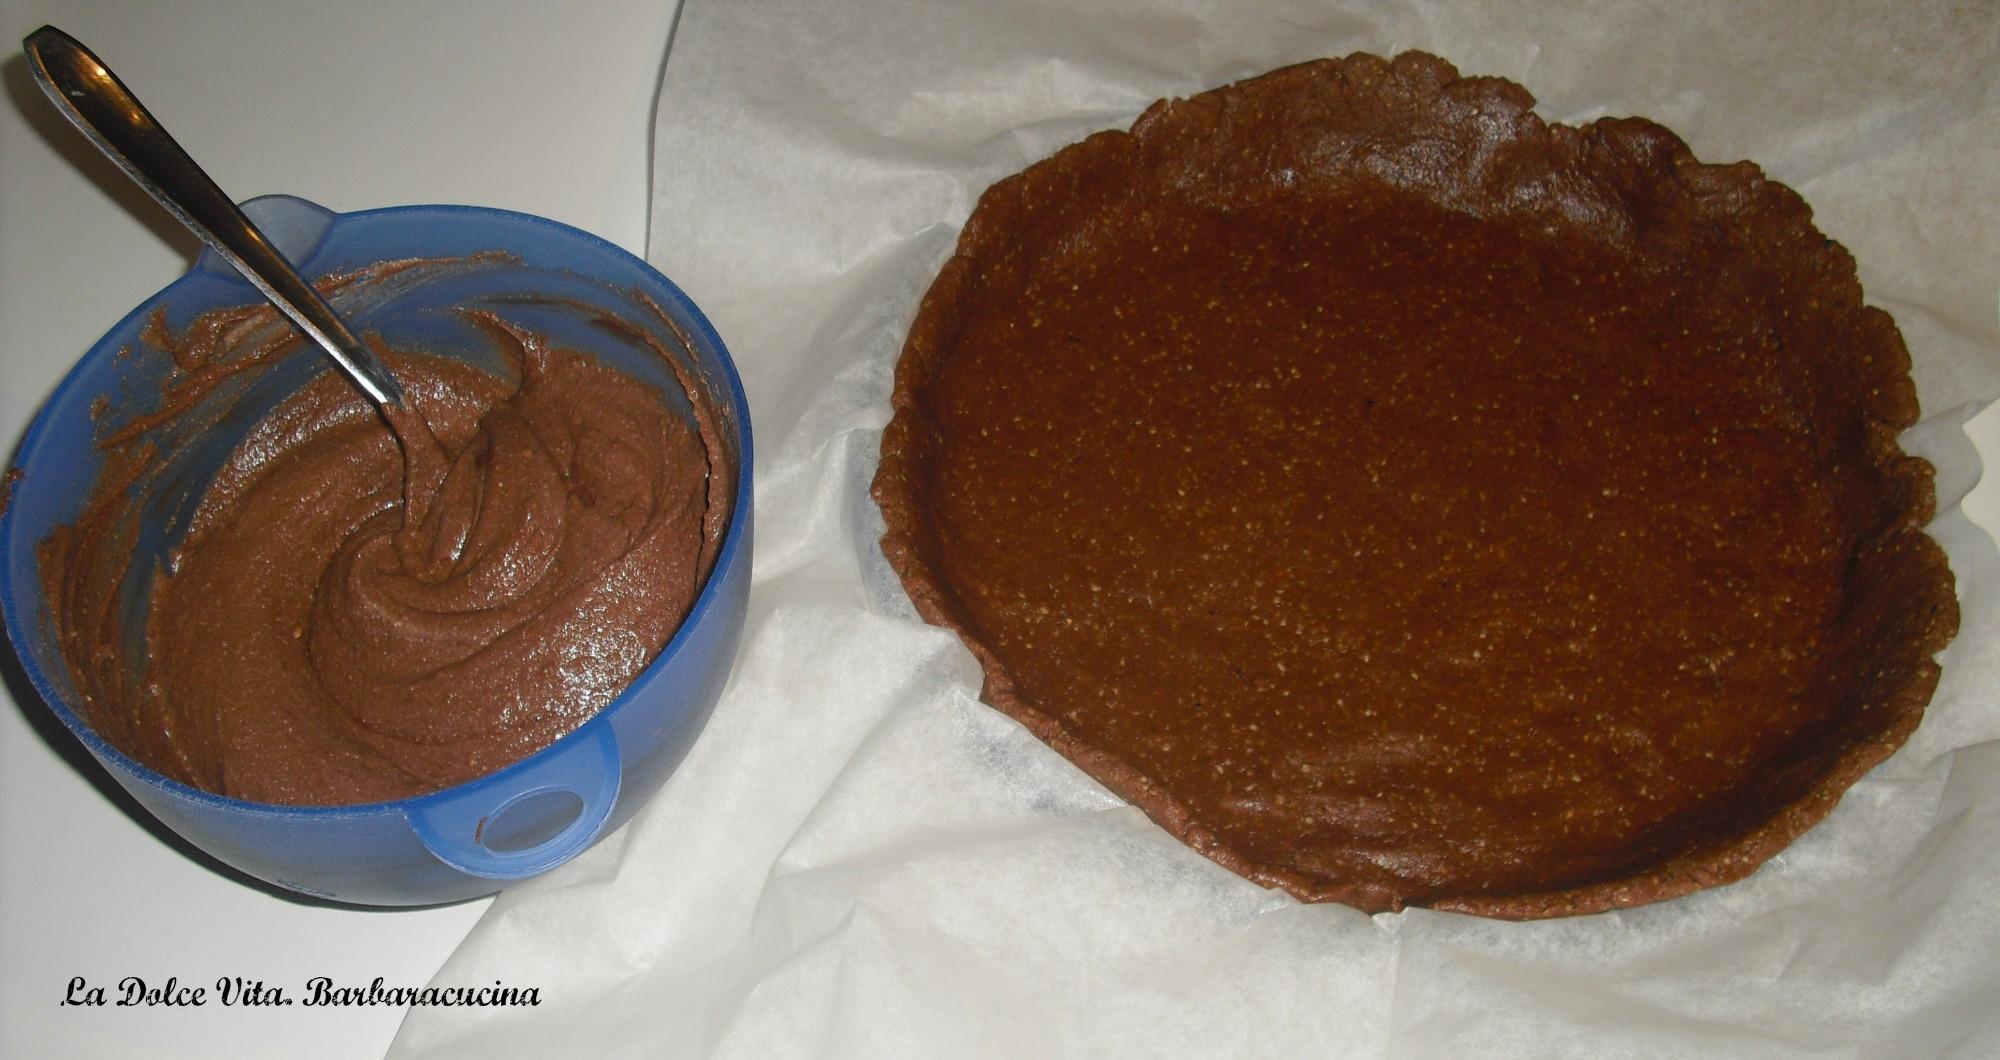 torta crumble alla nutella